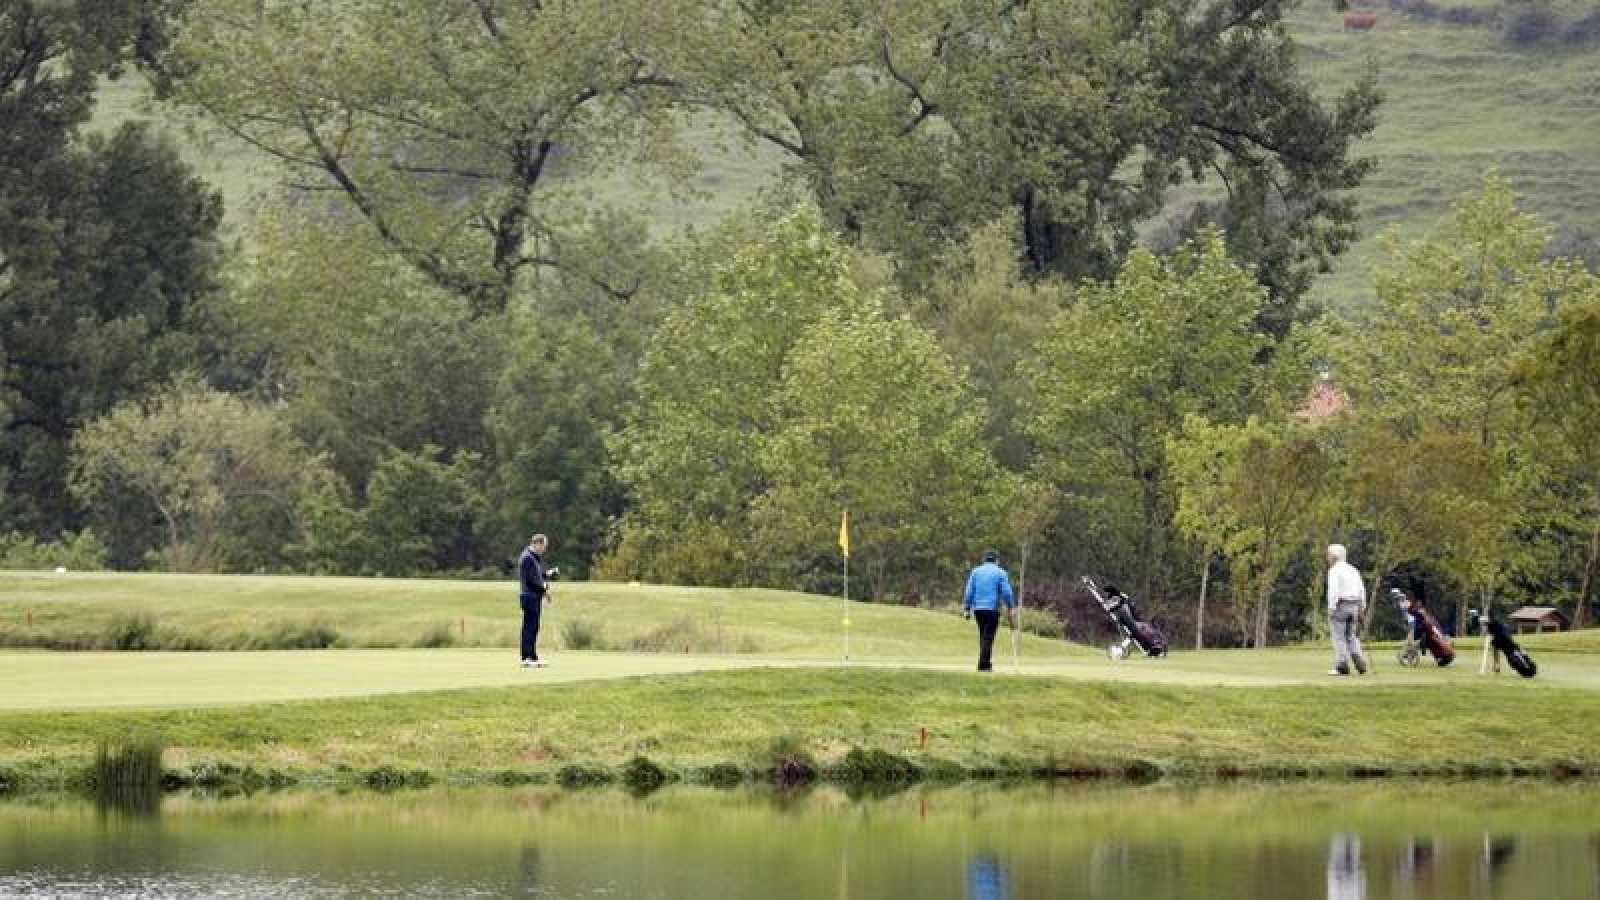 Tres jugadores mantienen la distancia social, en el campo público de golf de Meaztegi en Vizcaya.